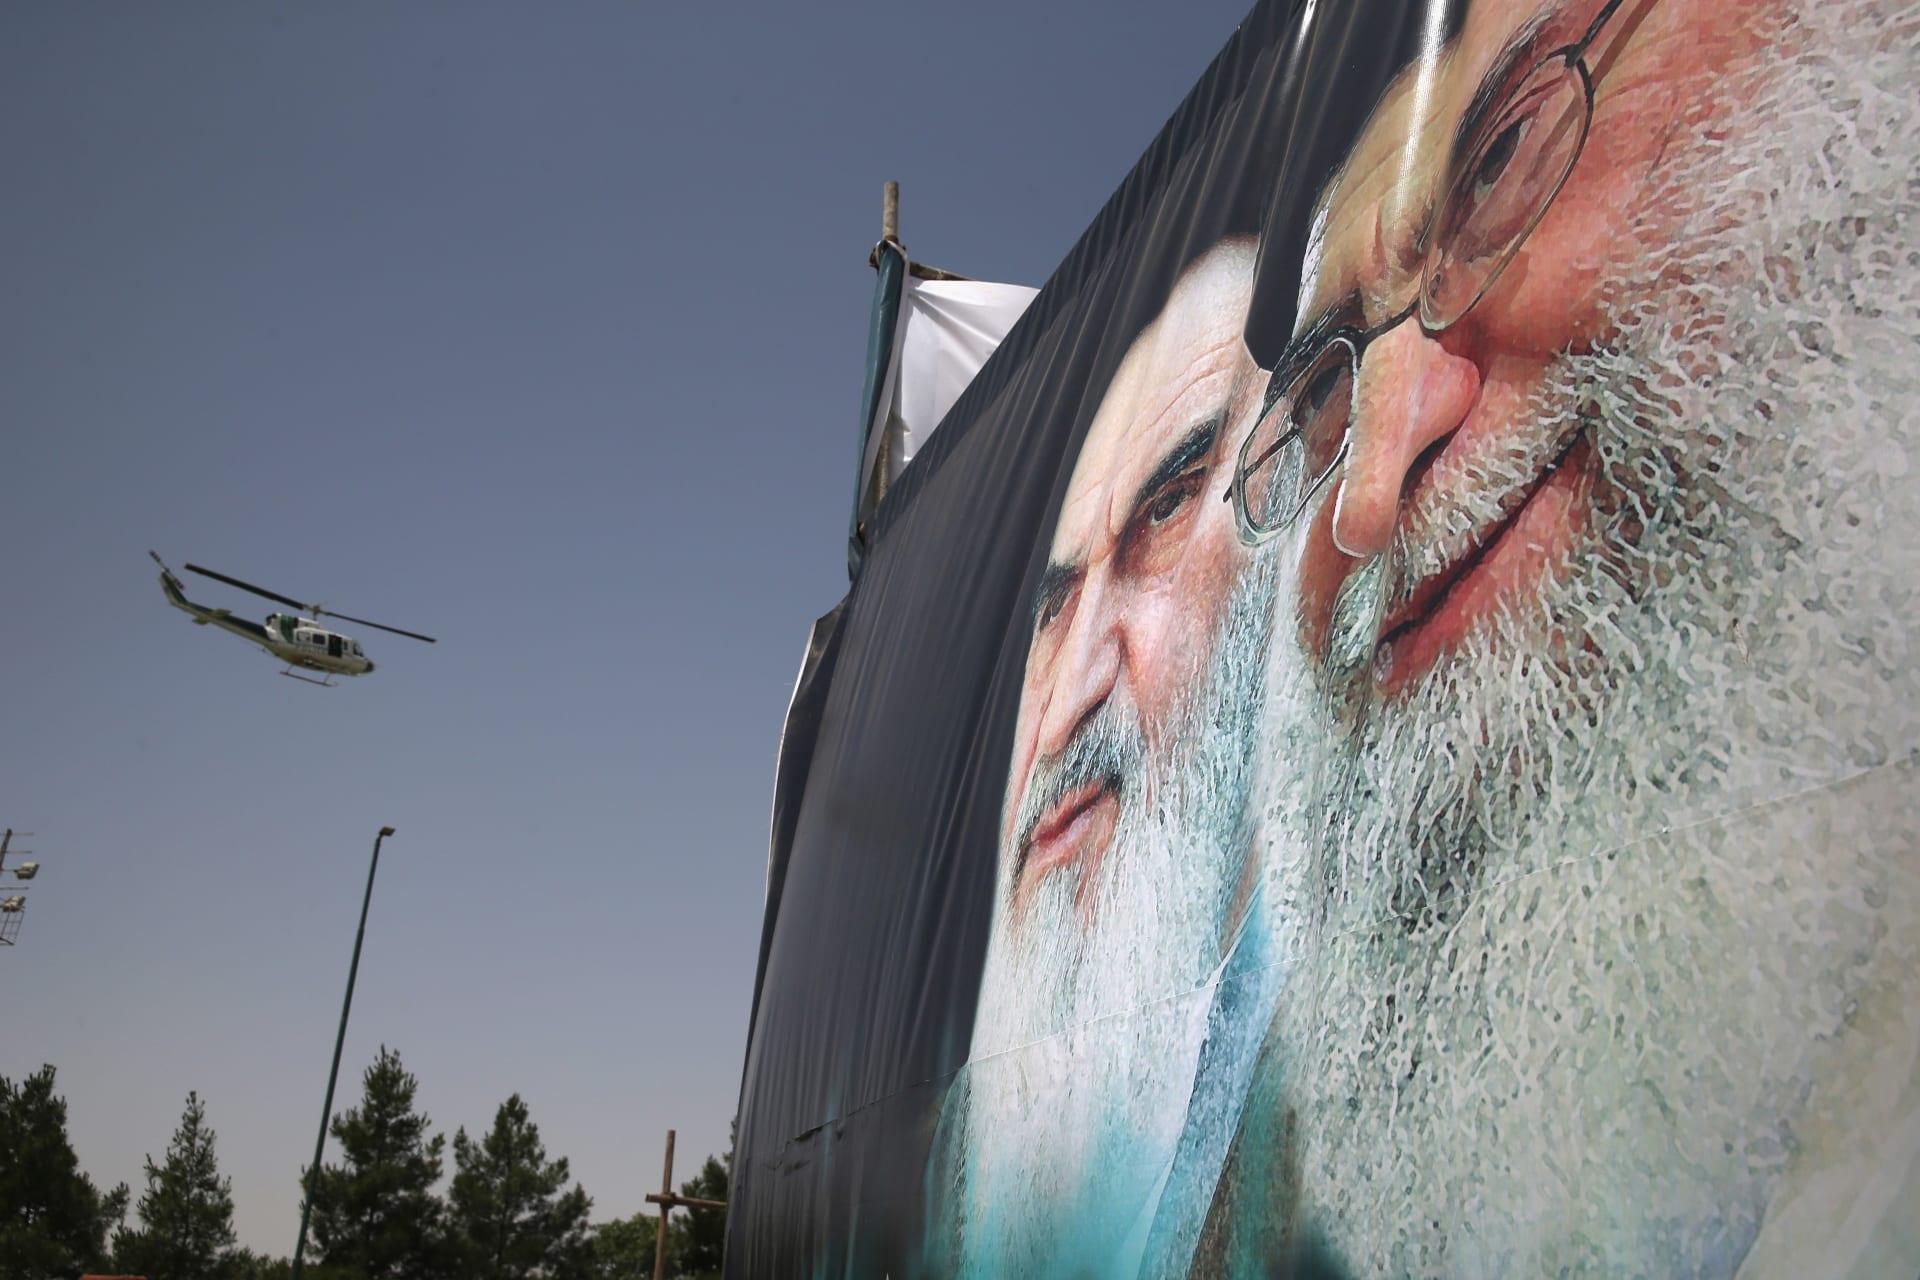 ترامب: محتجو إيران فاض بهم الكيل من فساد النظام وتمويله الإرهاب